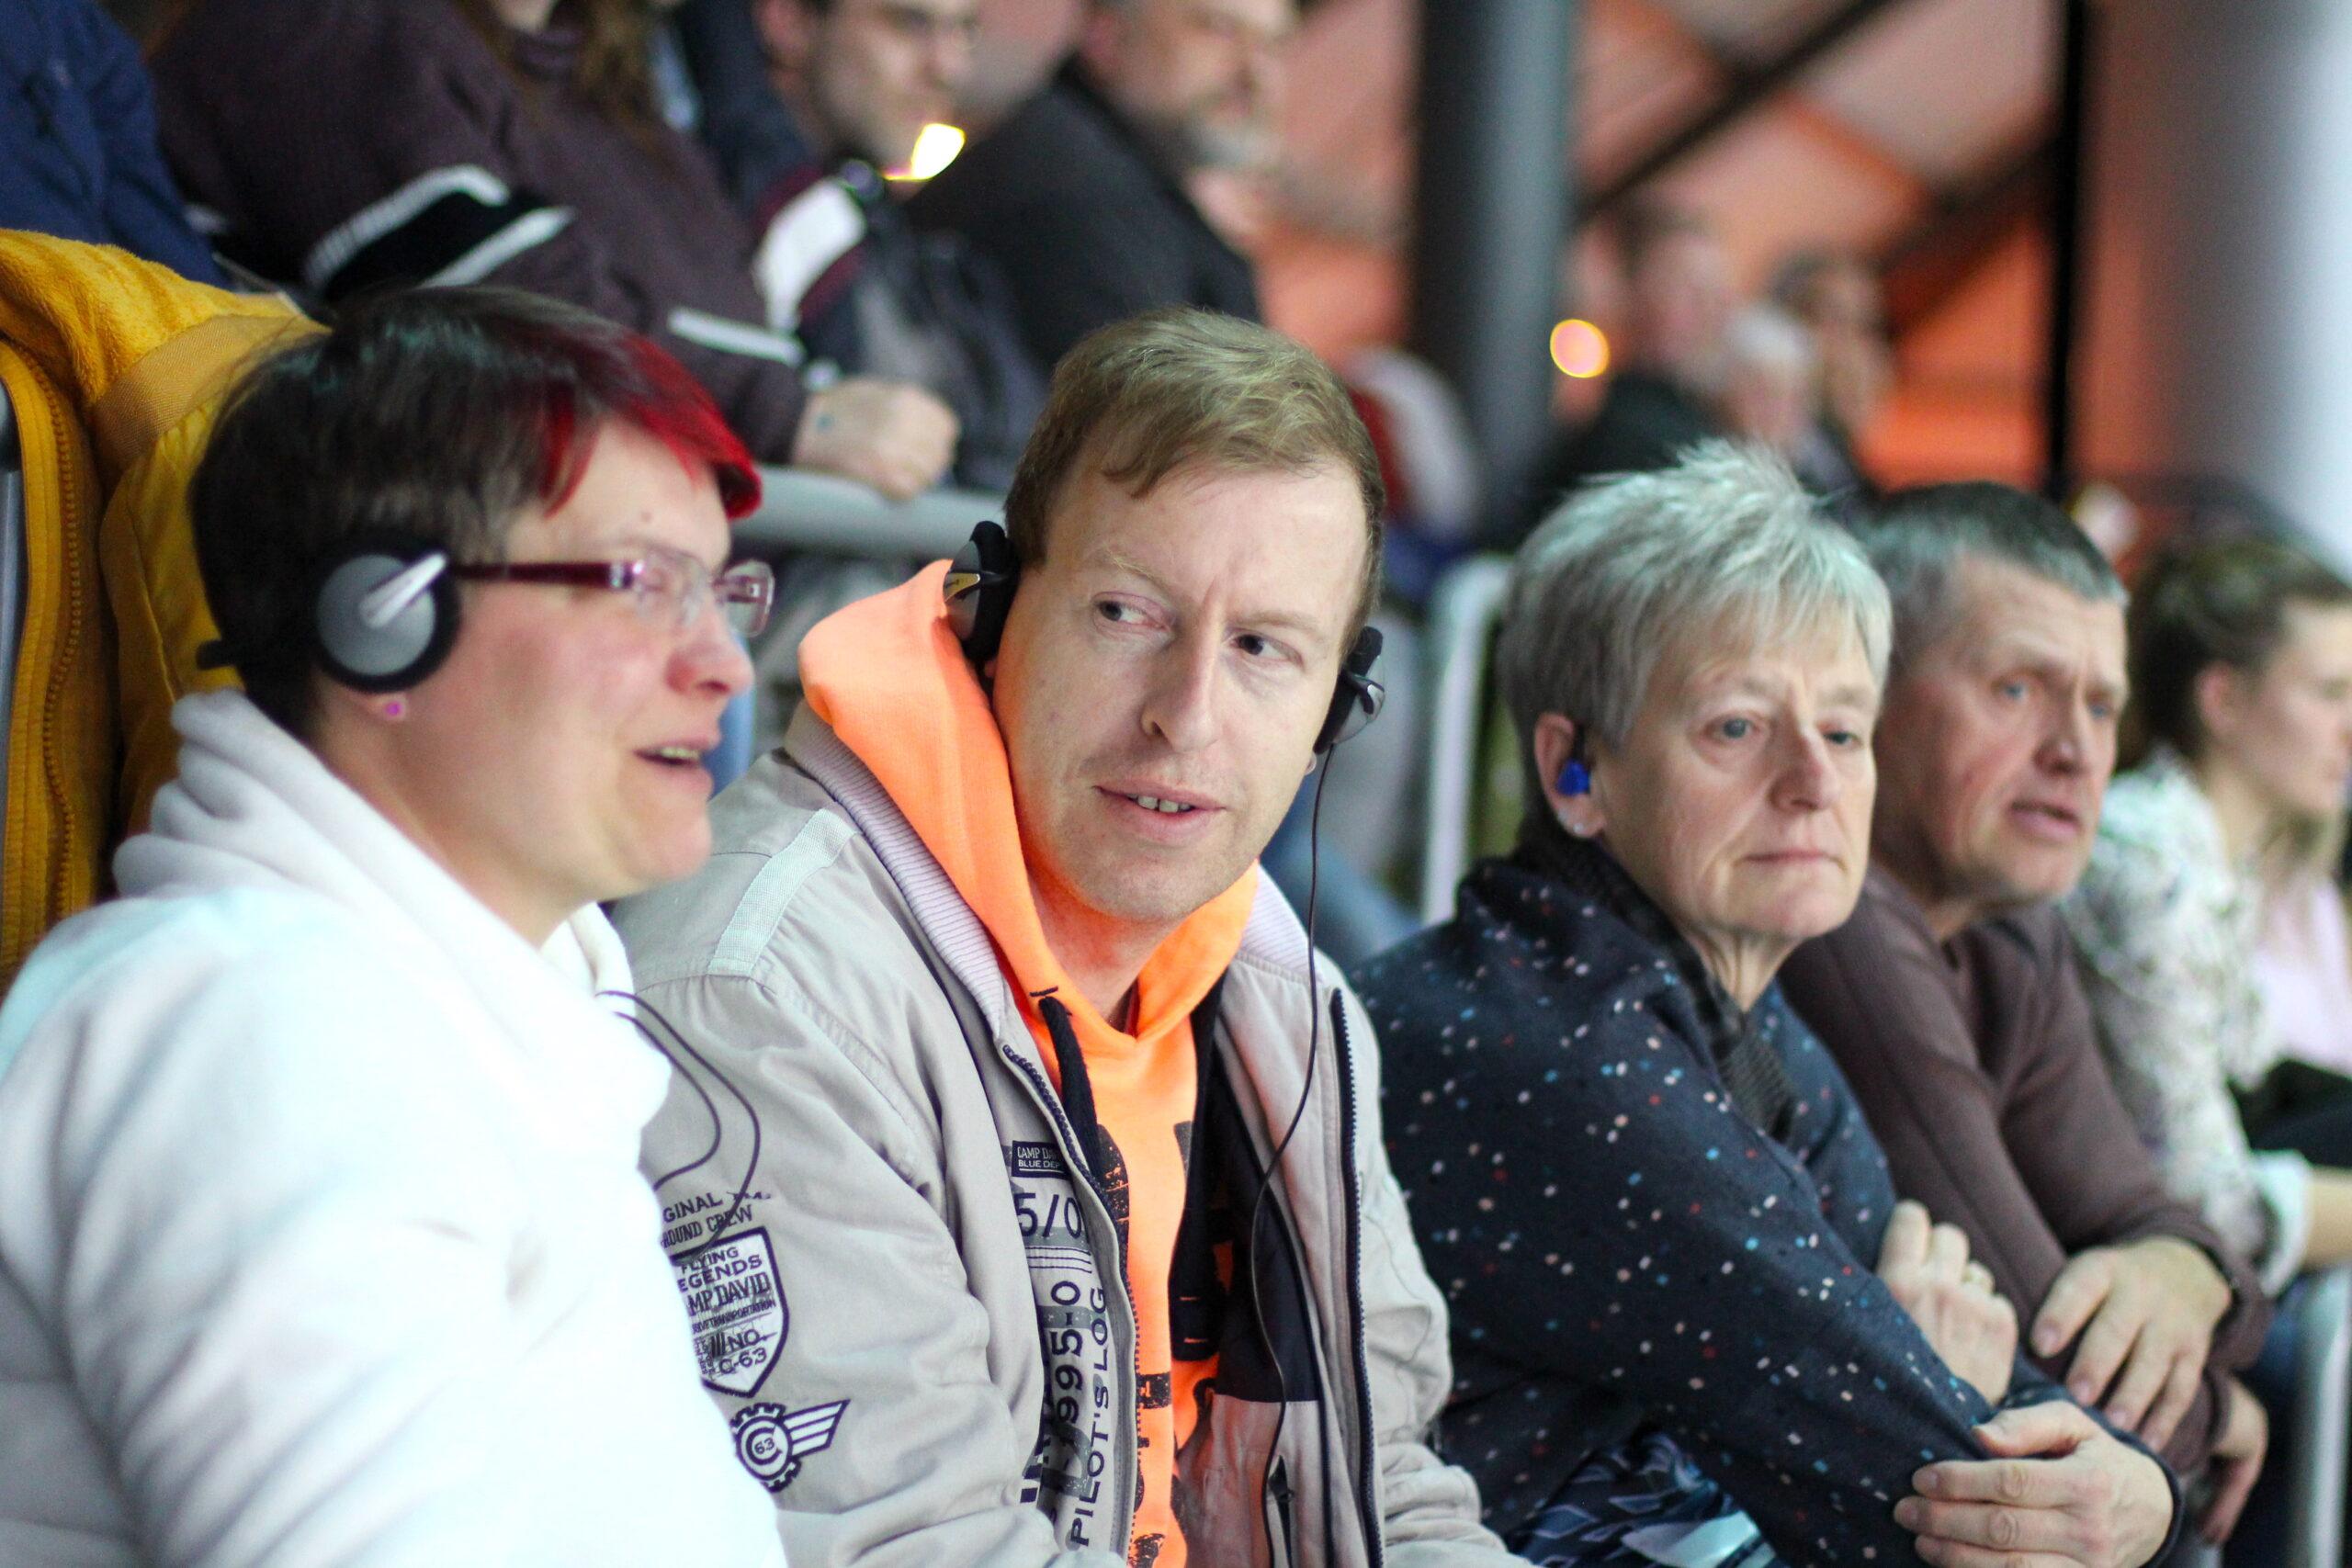 Foto mehrerer Gäste bei den Deutschen Leichtathletik-Hallenmeisterschaften. Einige der Gäste haben Kopfhörer auf, Foto: Tomke Koop.